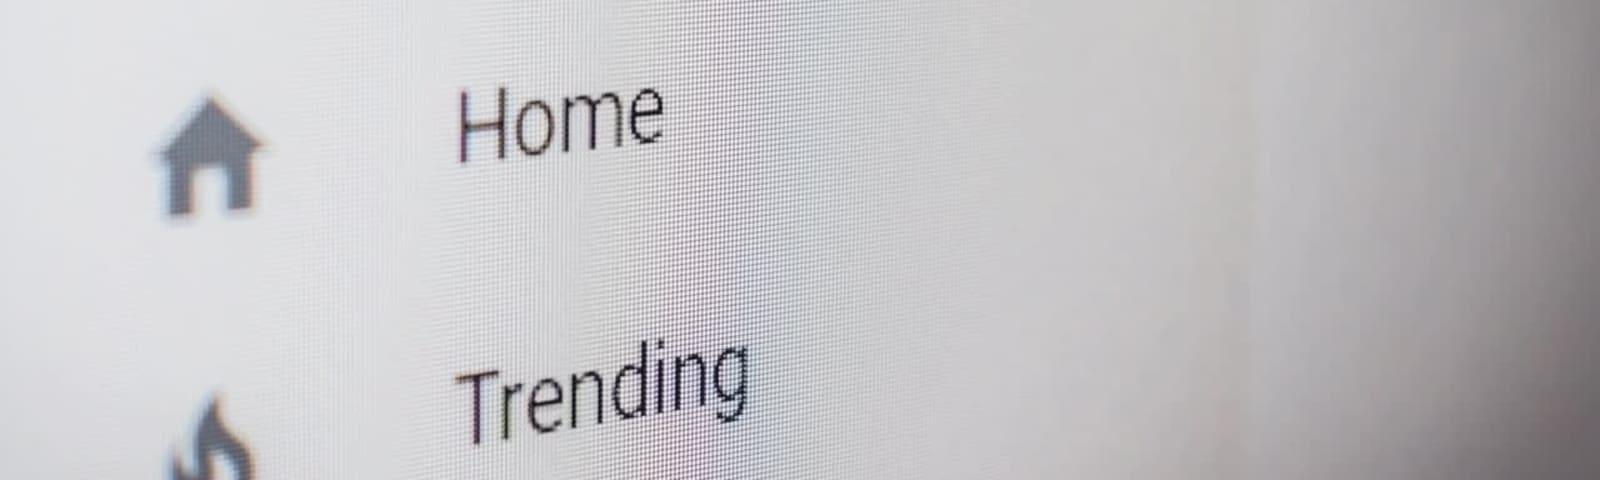 Imagem de destaque do post Vídeos de seo: como otimizar seu conteúdo para mais acessos